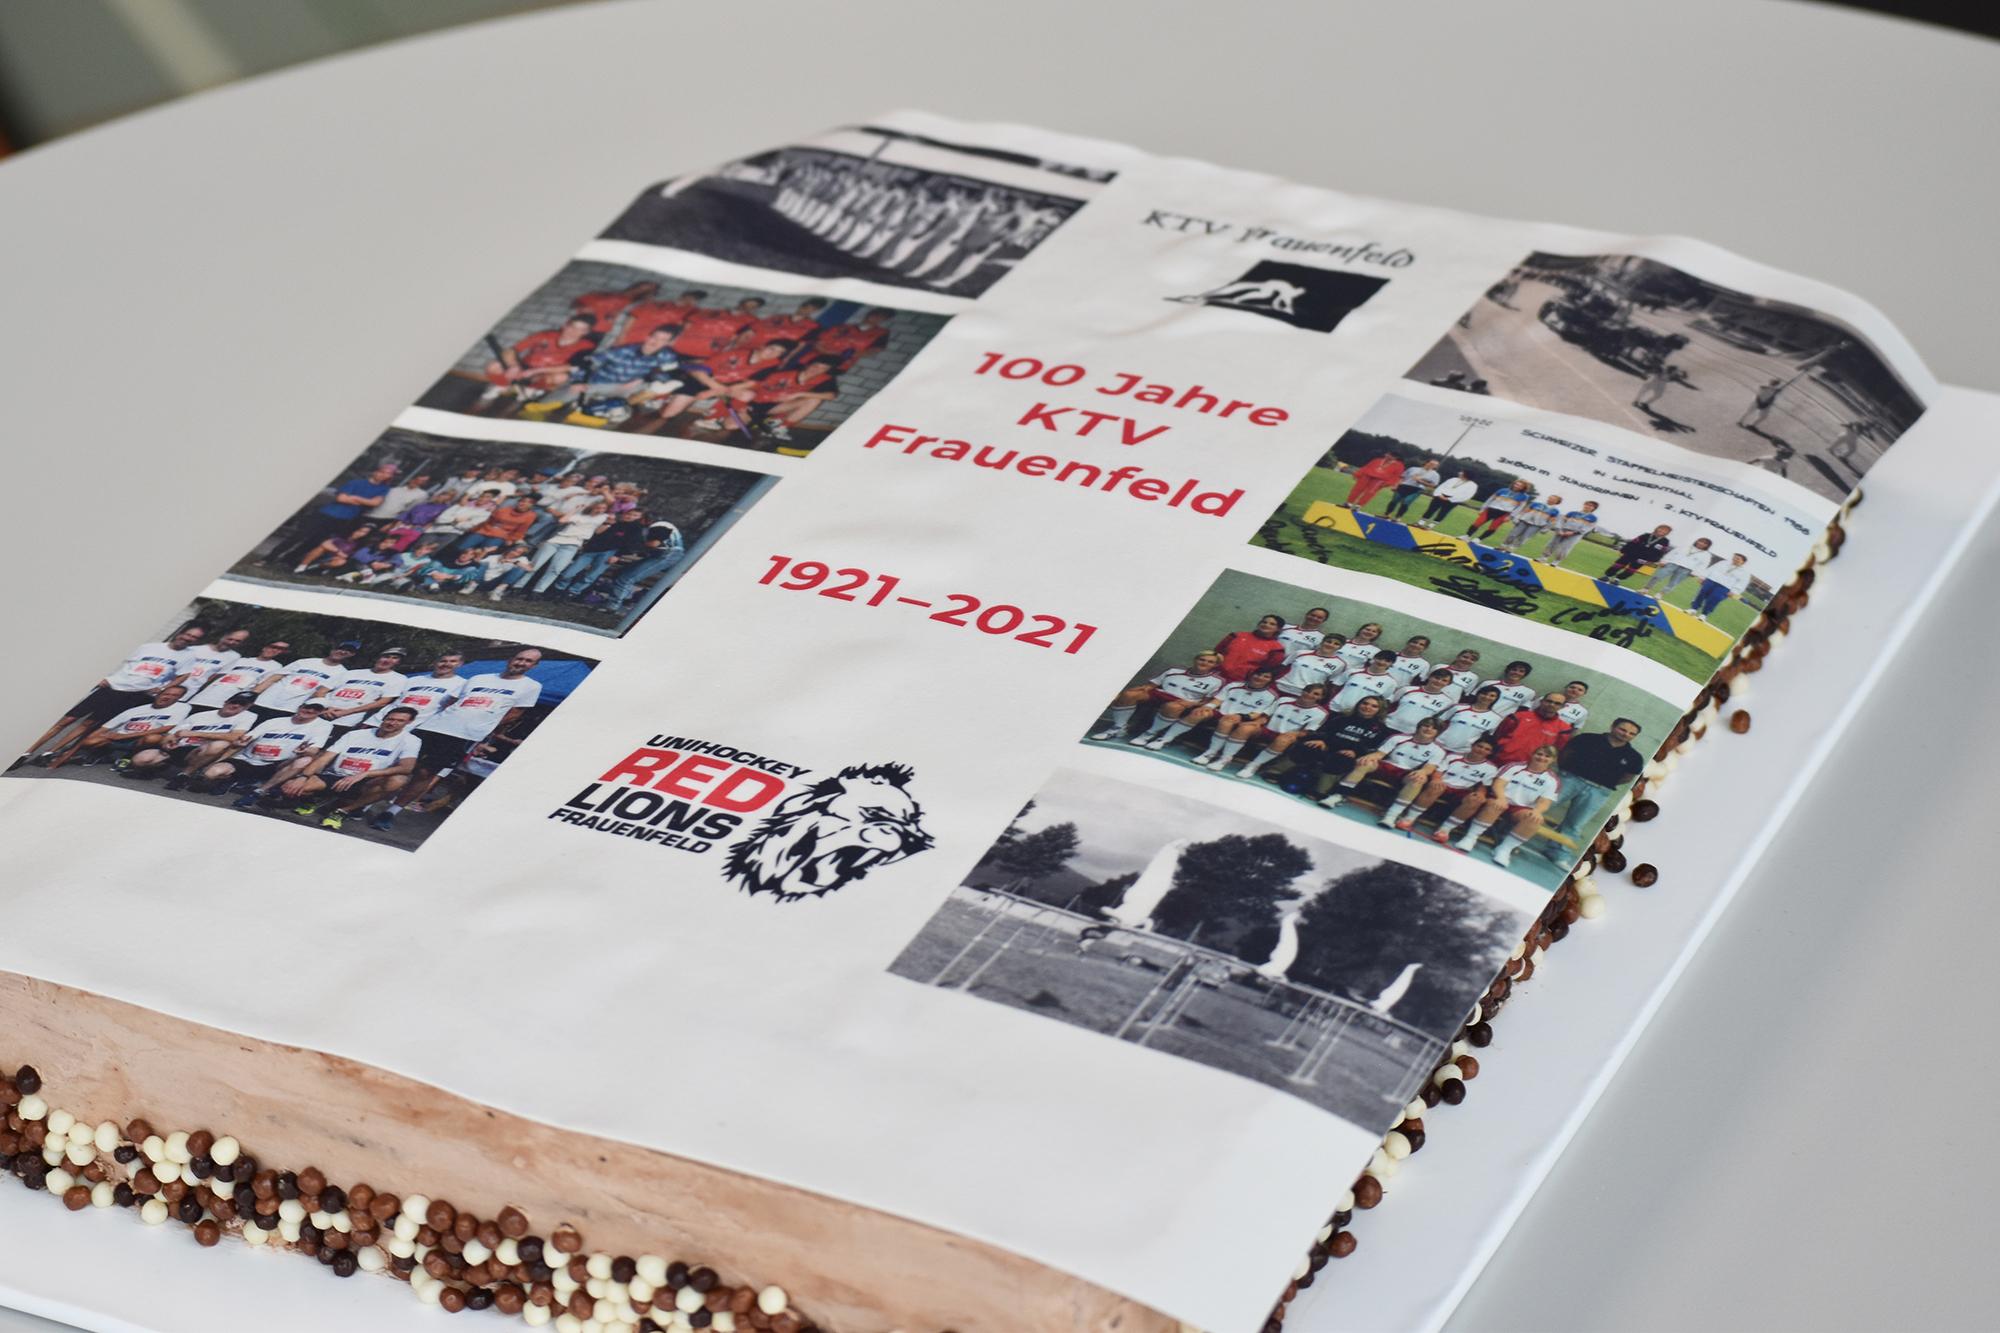 Zum Jubiläum ein mit Archivfotos dekorierter Kuchen.